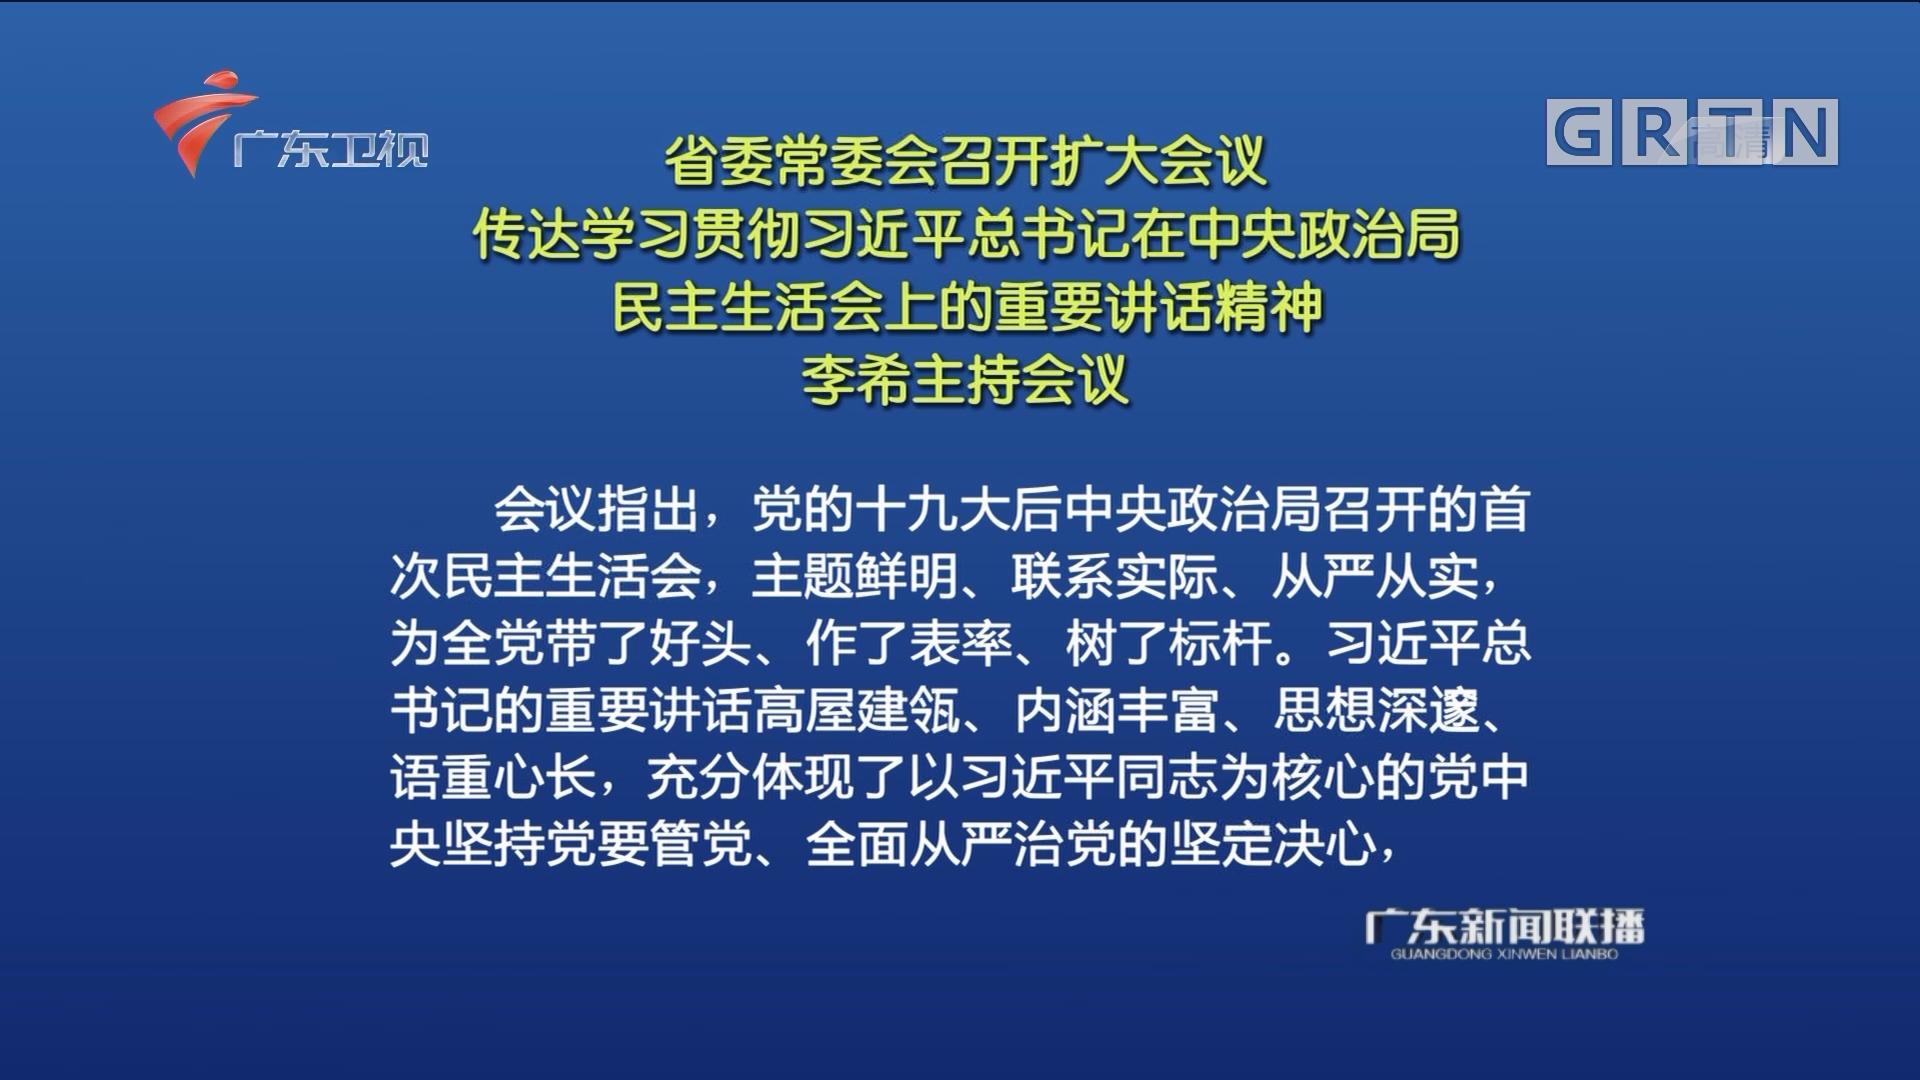 省委常委会召开扩大会议传达学习贯彻习近平总书记在中央政治局民主生活会上的重要讲话精神 李希主持会议